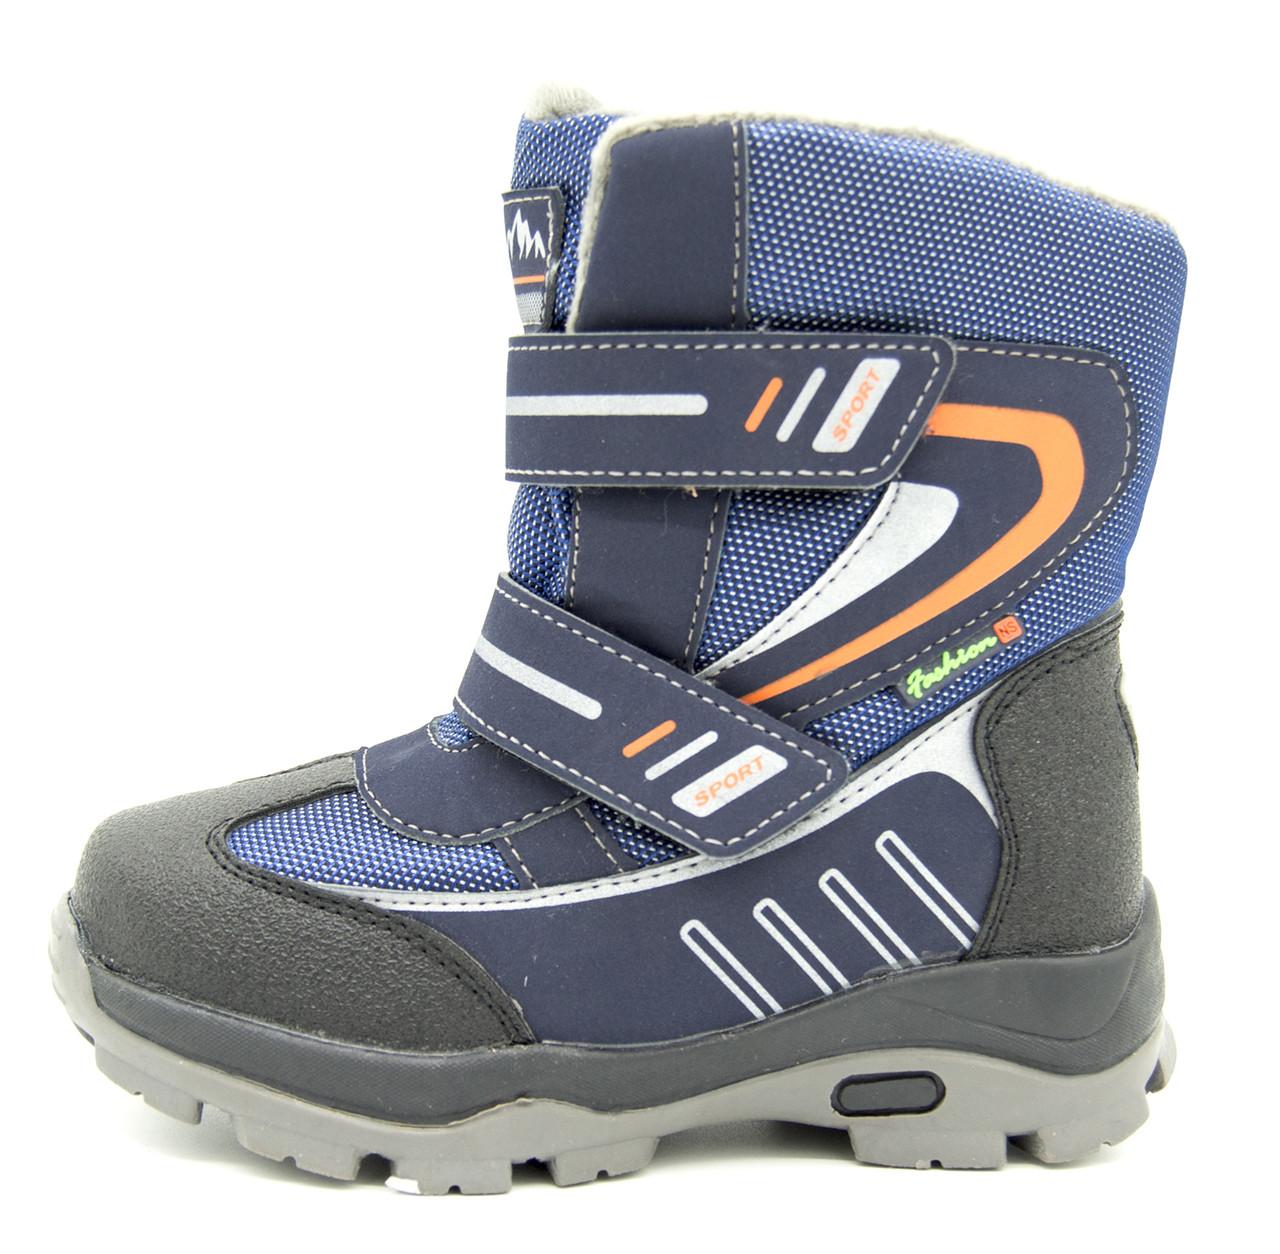 Ботинки для мальчика Синие Зима